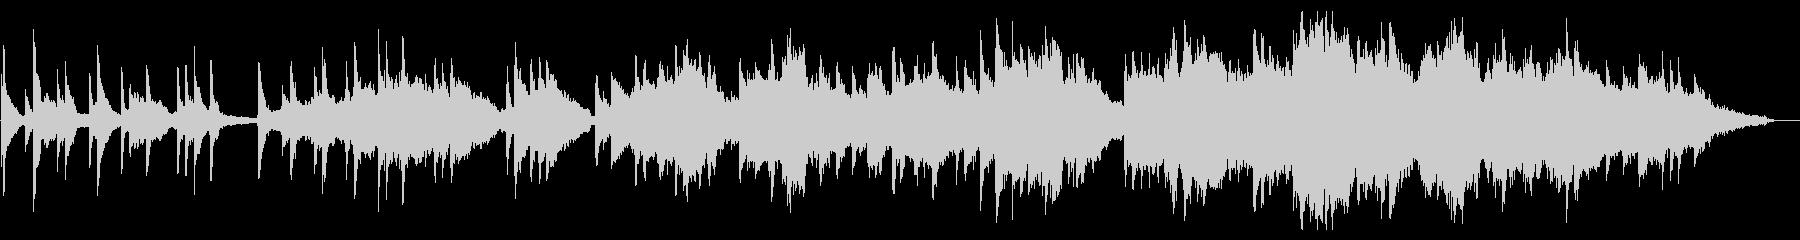 静かで美しいピアノストリングスバラードの未再生の波形